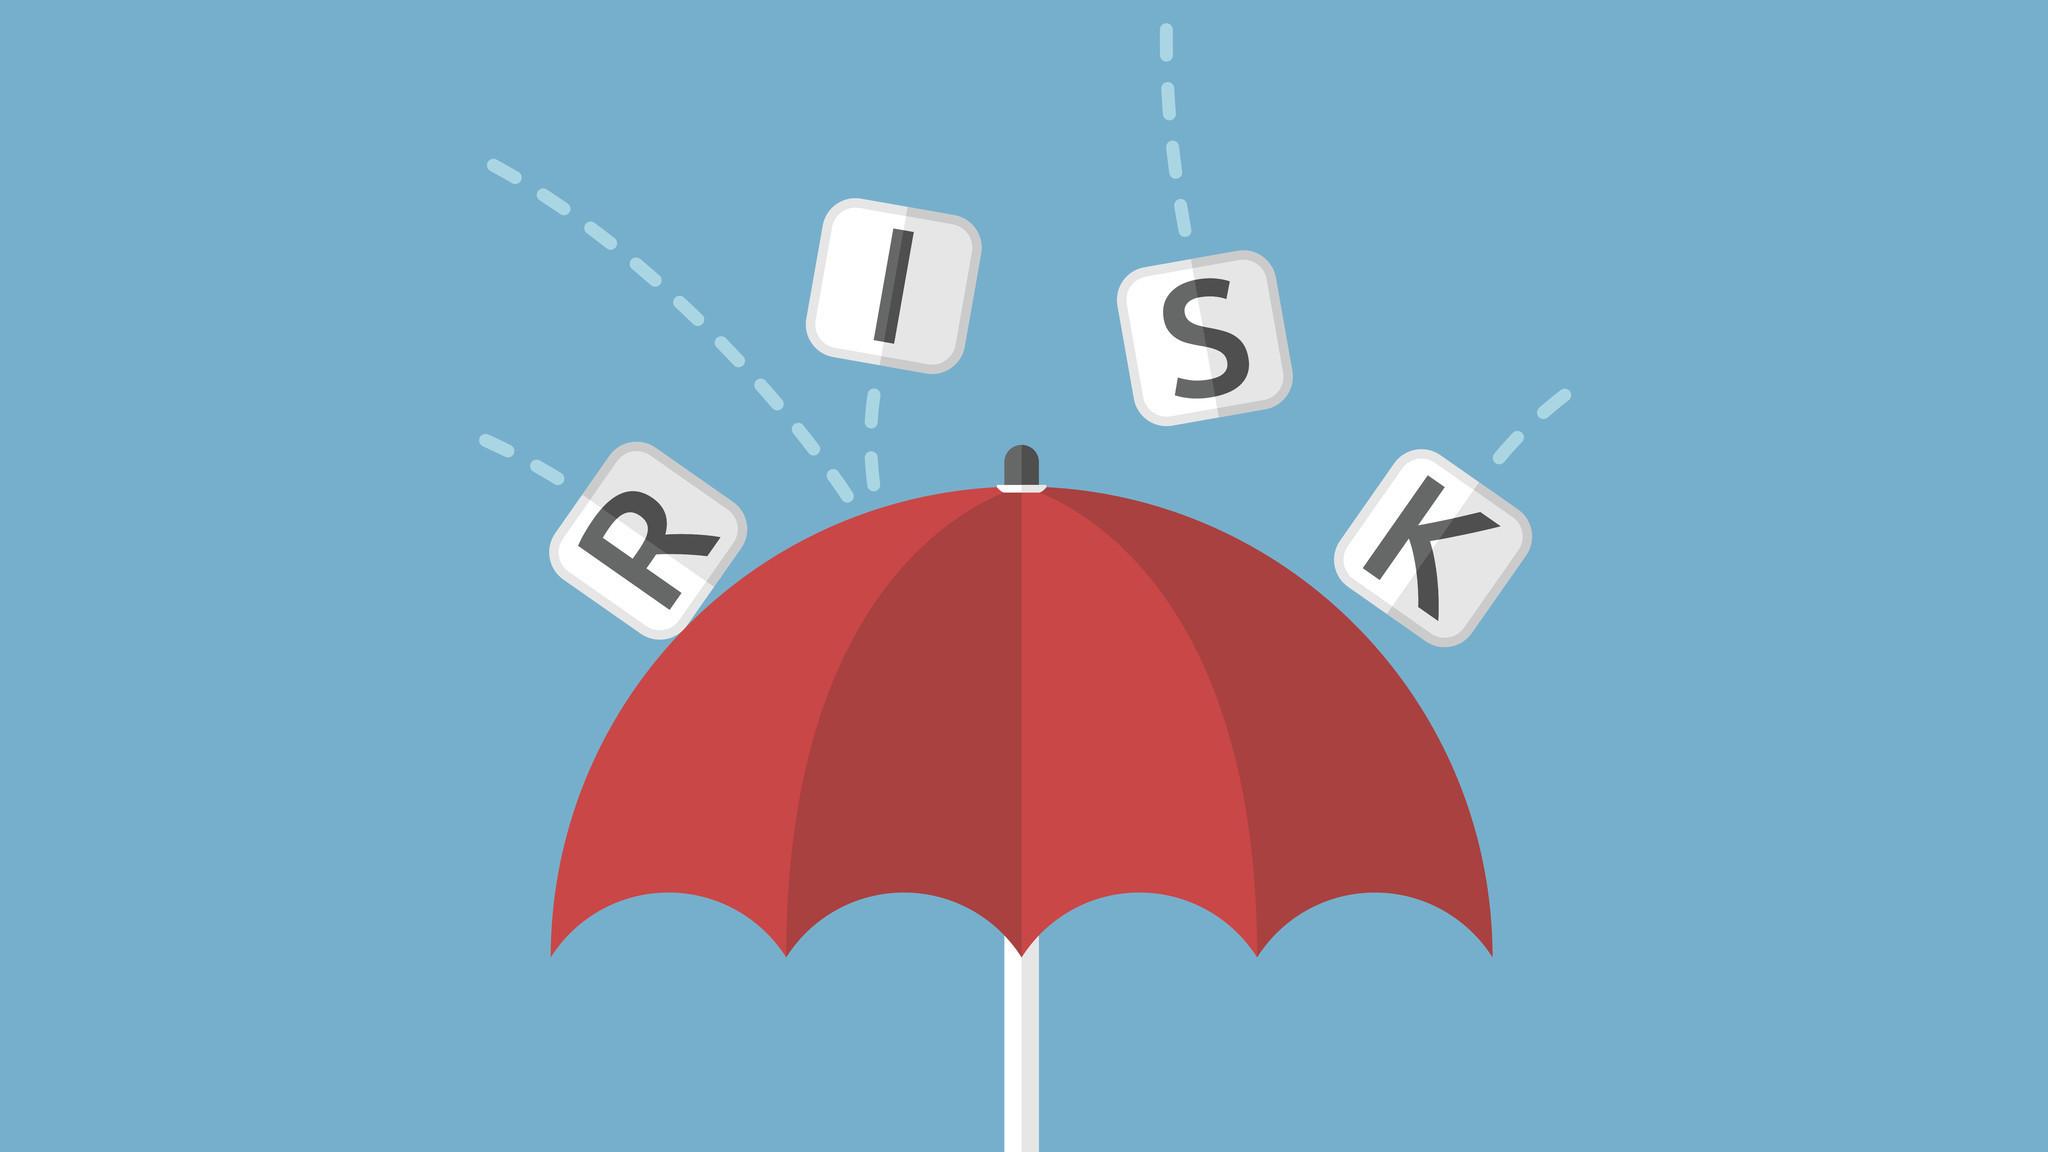 Giải pháp nào cho các rủi ro nhà xuất nhập khẩu thường gặp khi thanh toán quốc tế L/C